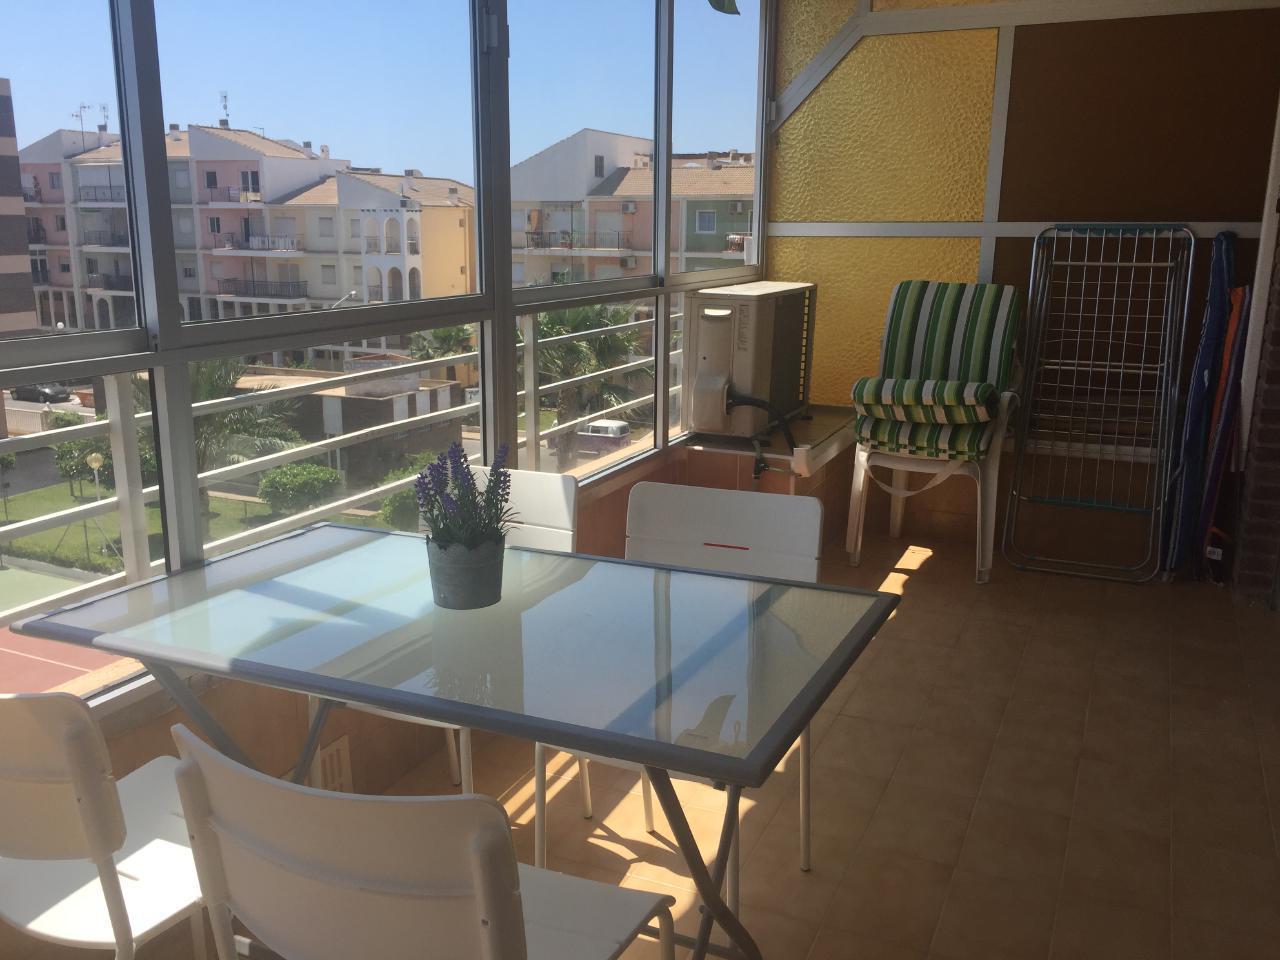 Ferienwohnung Sonnige 3.5 Zi-Wohnung am Meer (1026876), Torrevieja, Costa Blanca, Valencia, Spanien, Bild 21